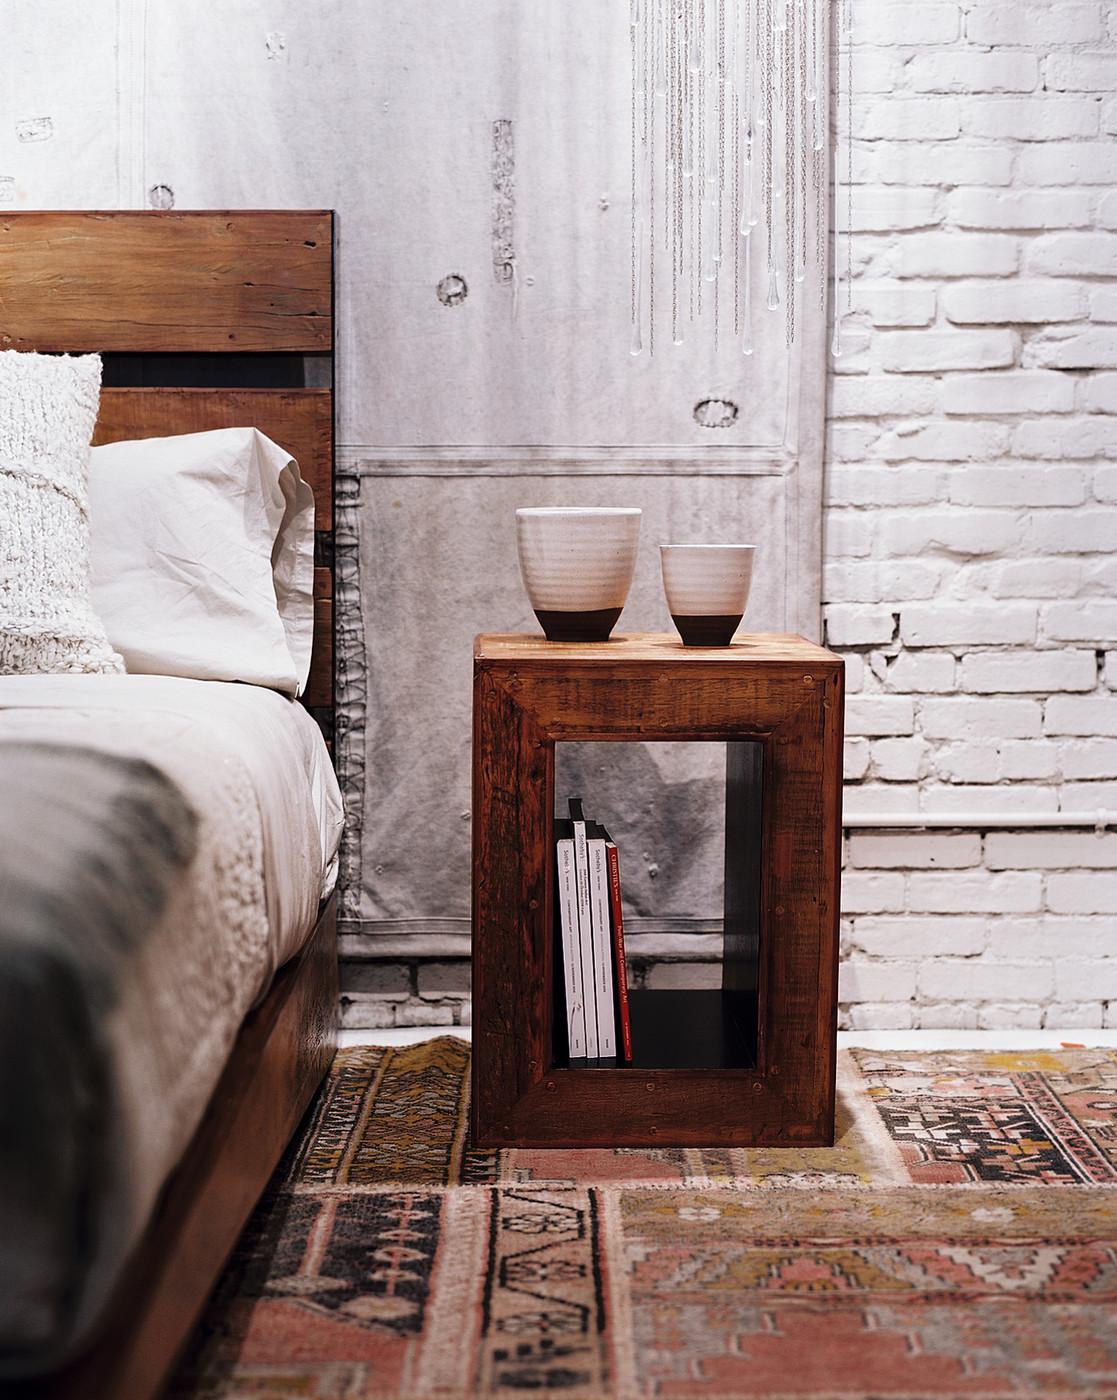 modern rustic bedroom design dream house. Black Bedroom Furniture Sets. Home Design Ideas